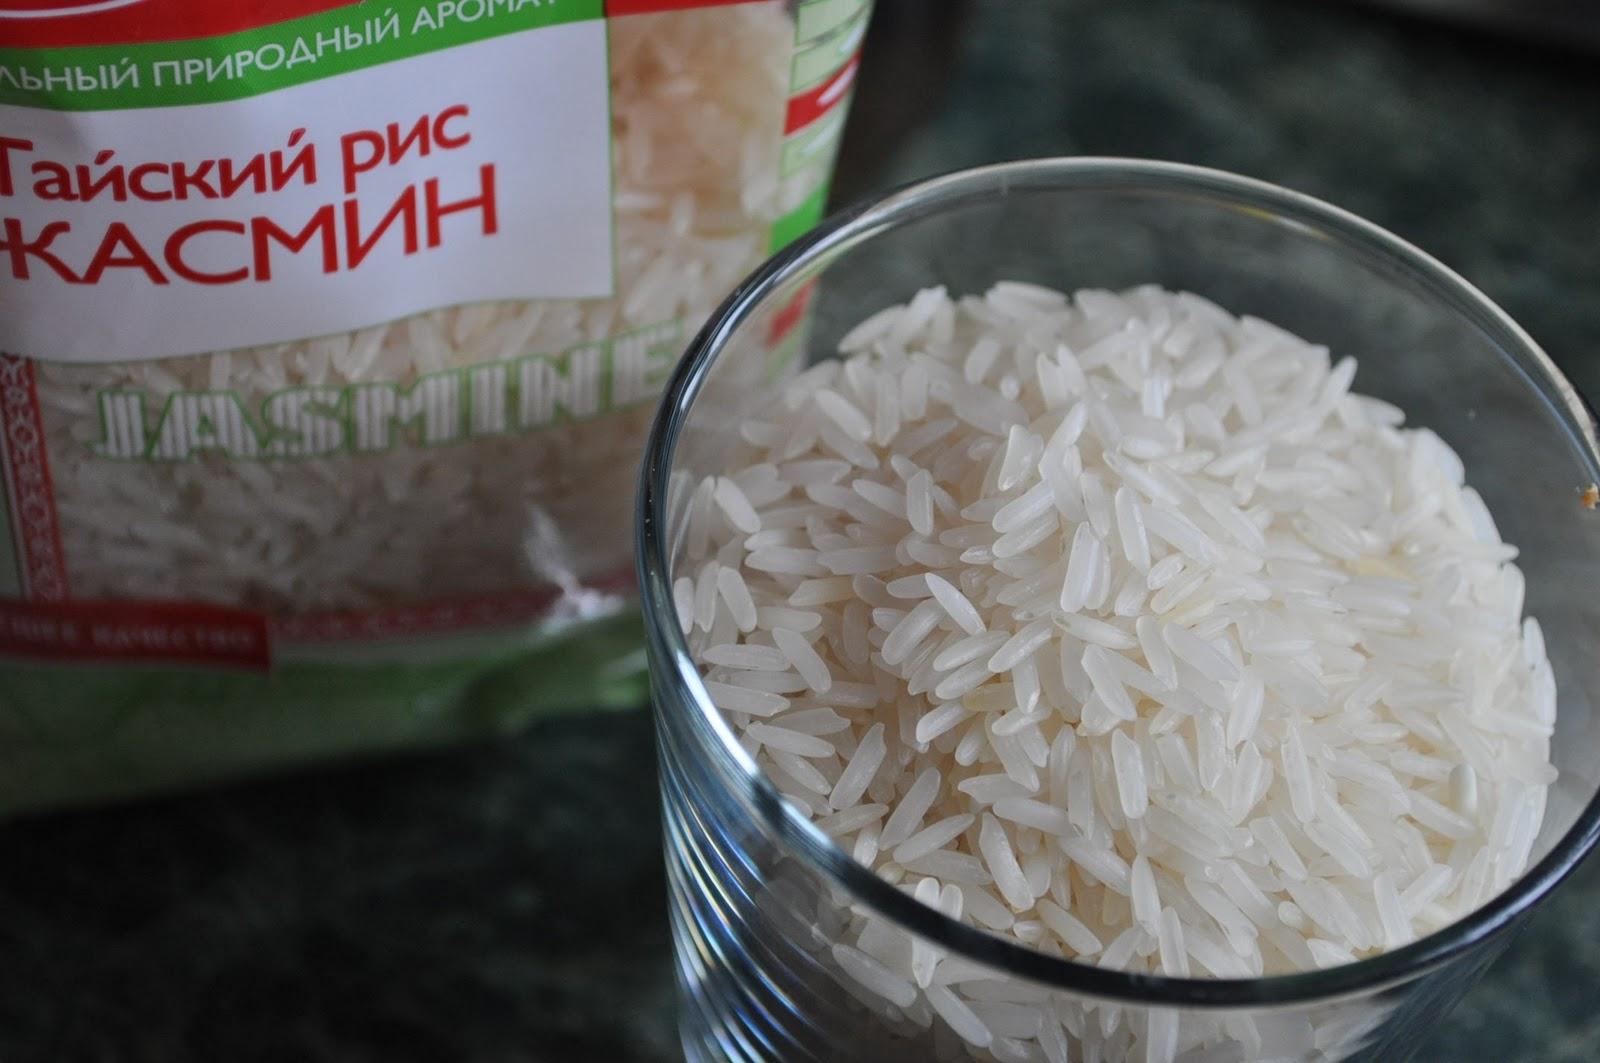 2. Жасминовый рис.